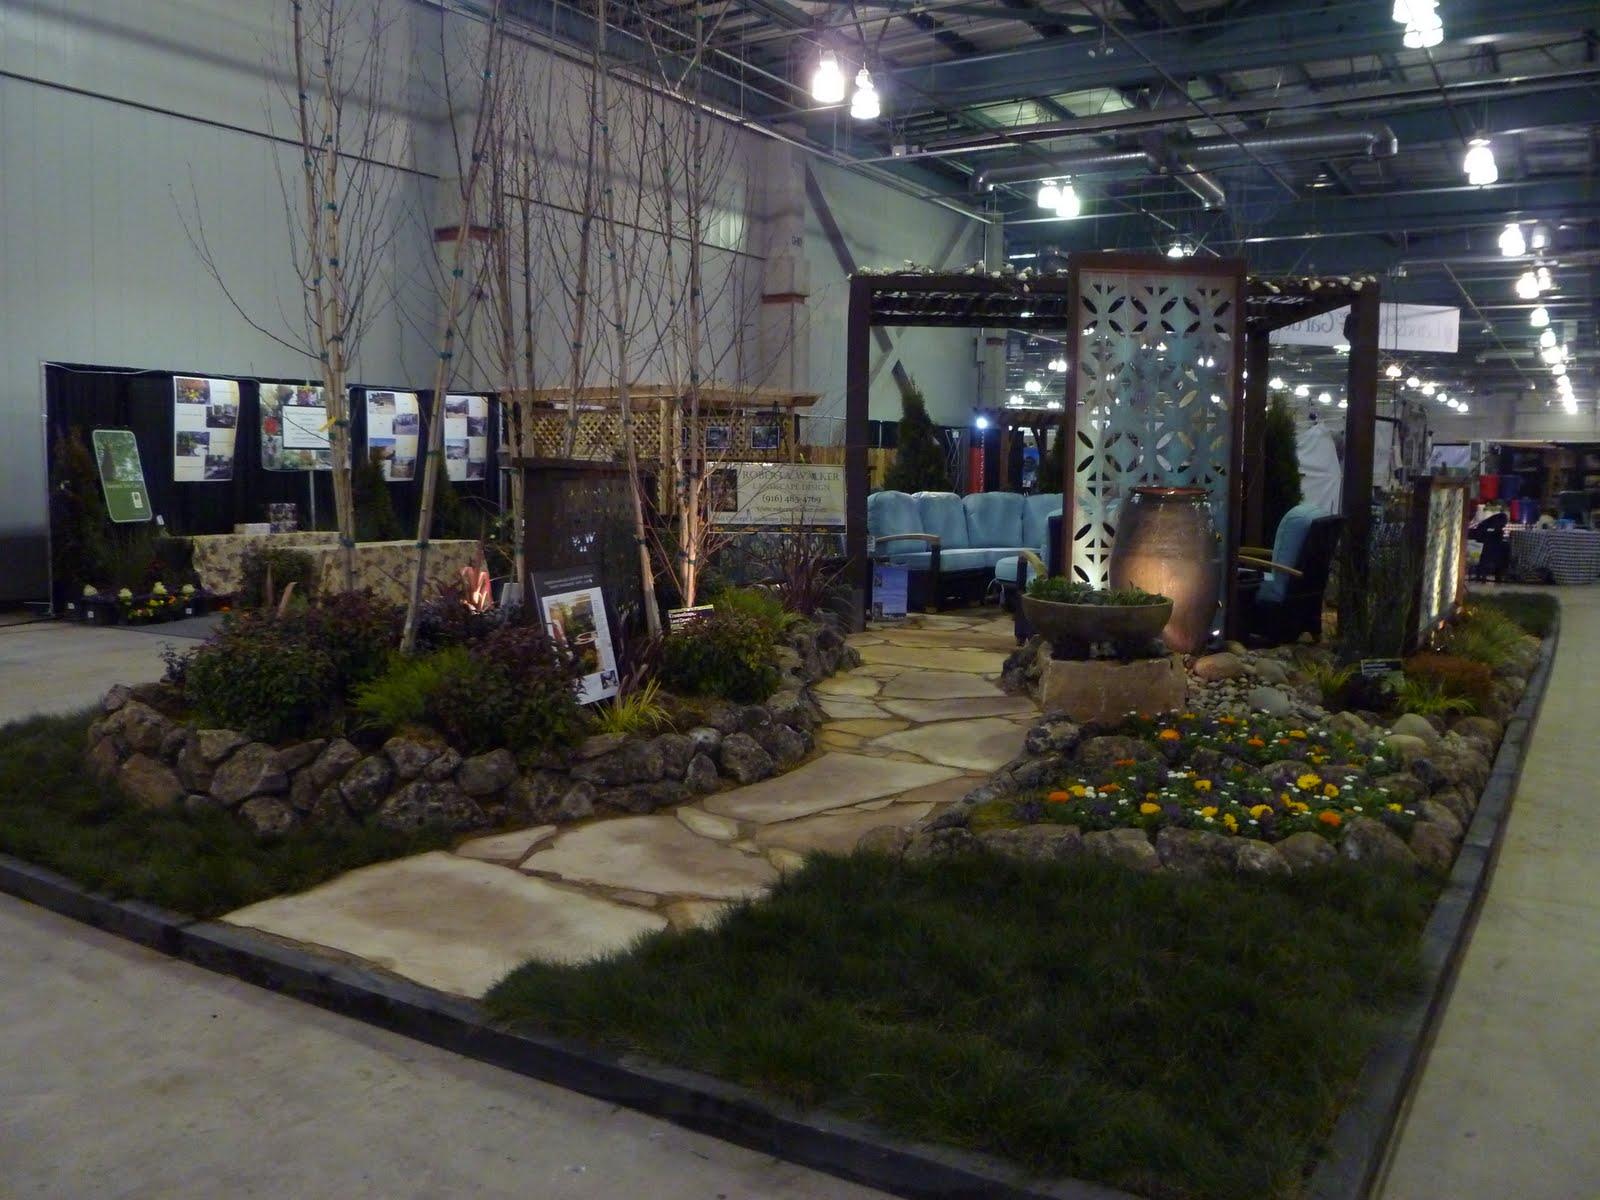 Garden Design News 2011 Home Garden Expo